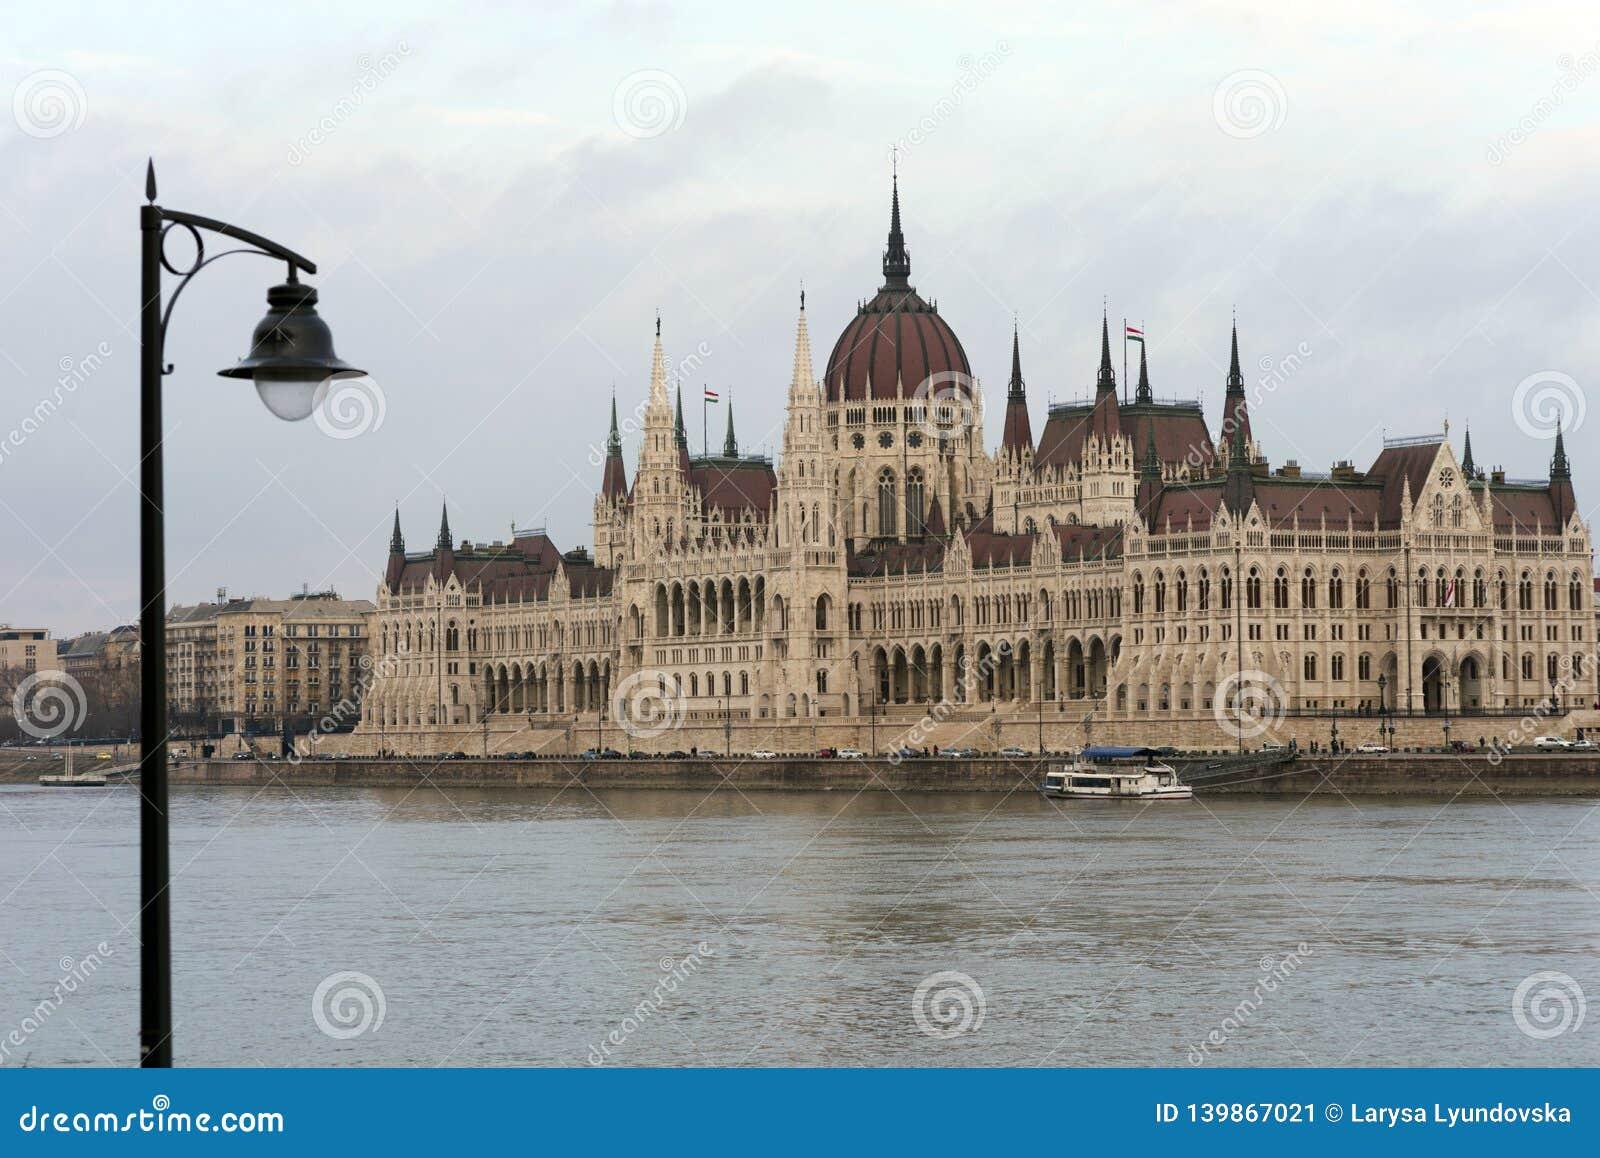 El edificio del parlamento húngaro en los bancos del Danubio en Budapest es la atracción principal de la capital húngara